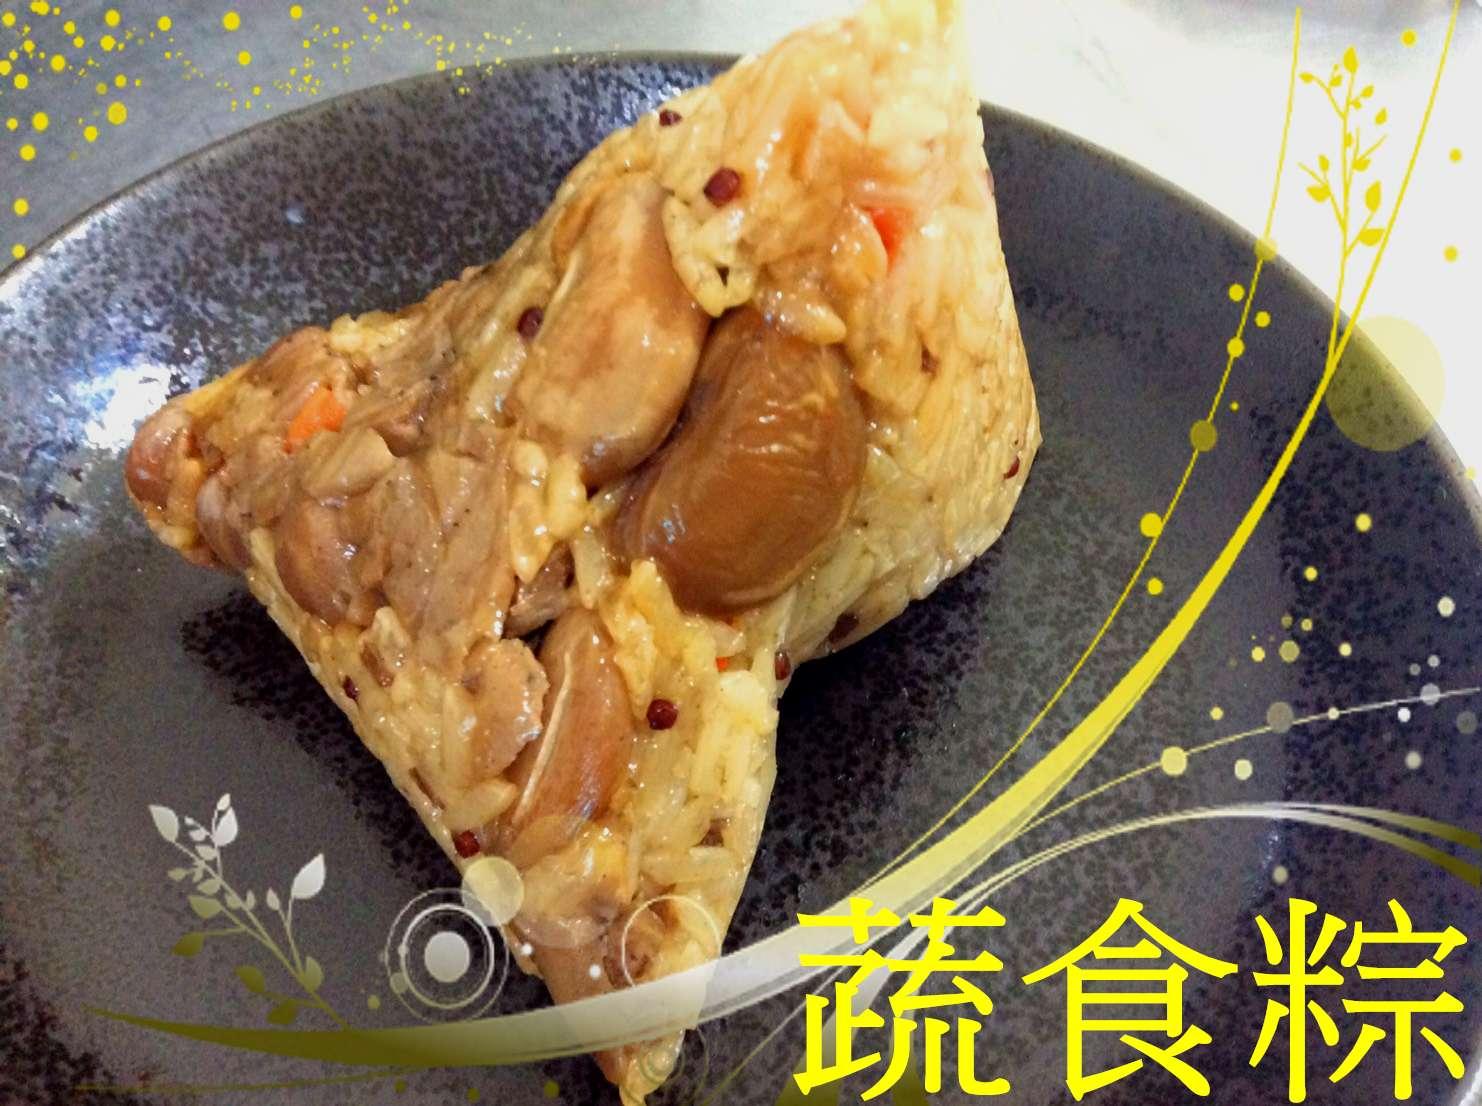 全素粽 (素粽) -10入組 ~阿嬤的好滋味~香菇丶栗子丶皇帝豆丶紅蘿蔔丶雪蓮子、紅藜【甜心粽】 * 免運*